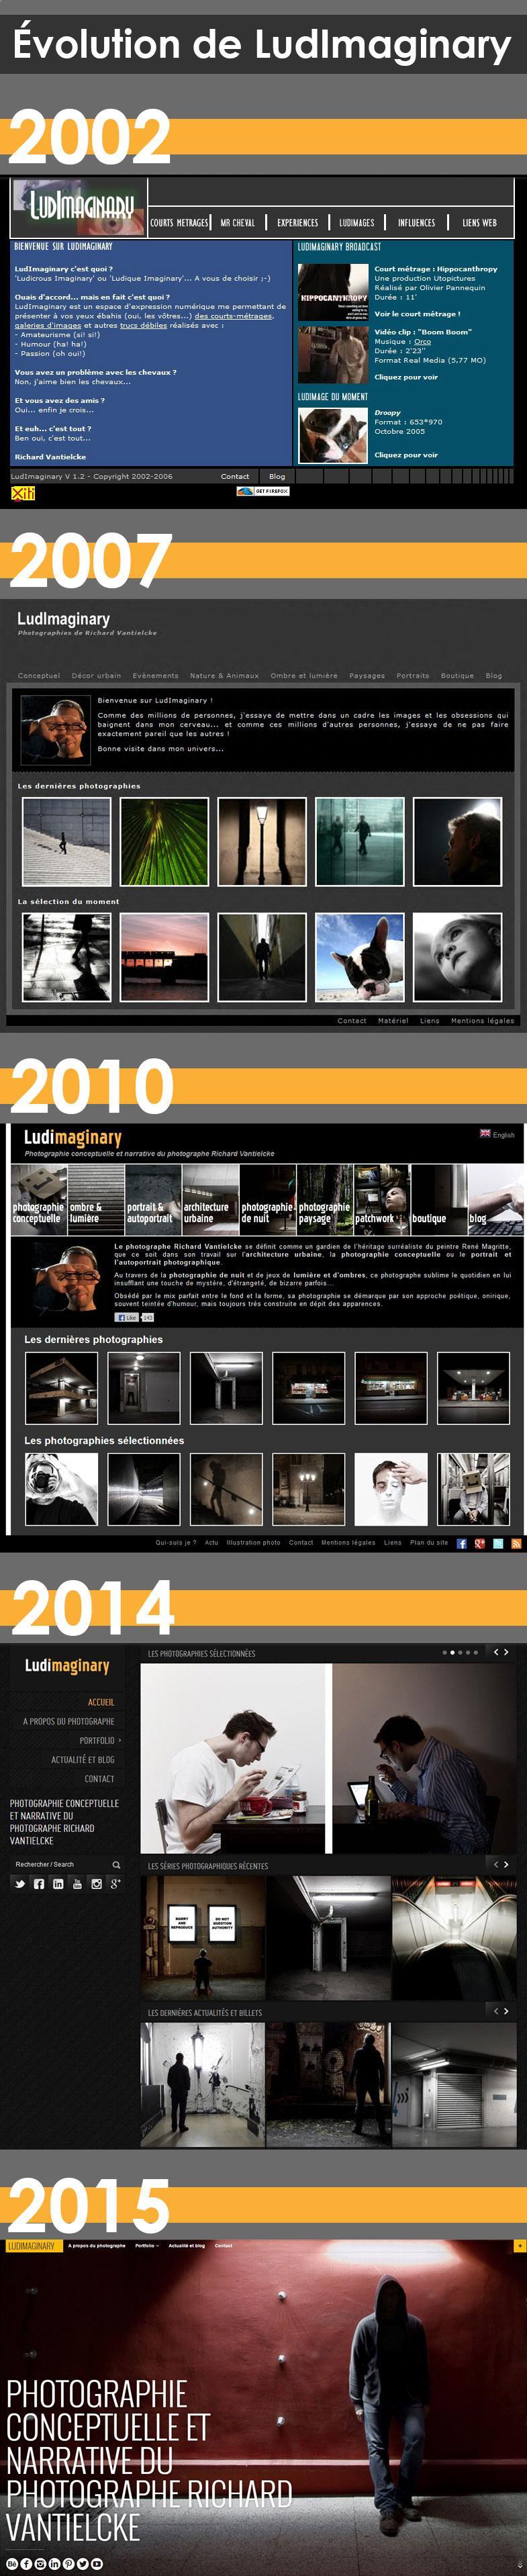 Évolution du site LudImaginary de 2002 à 2016